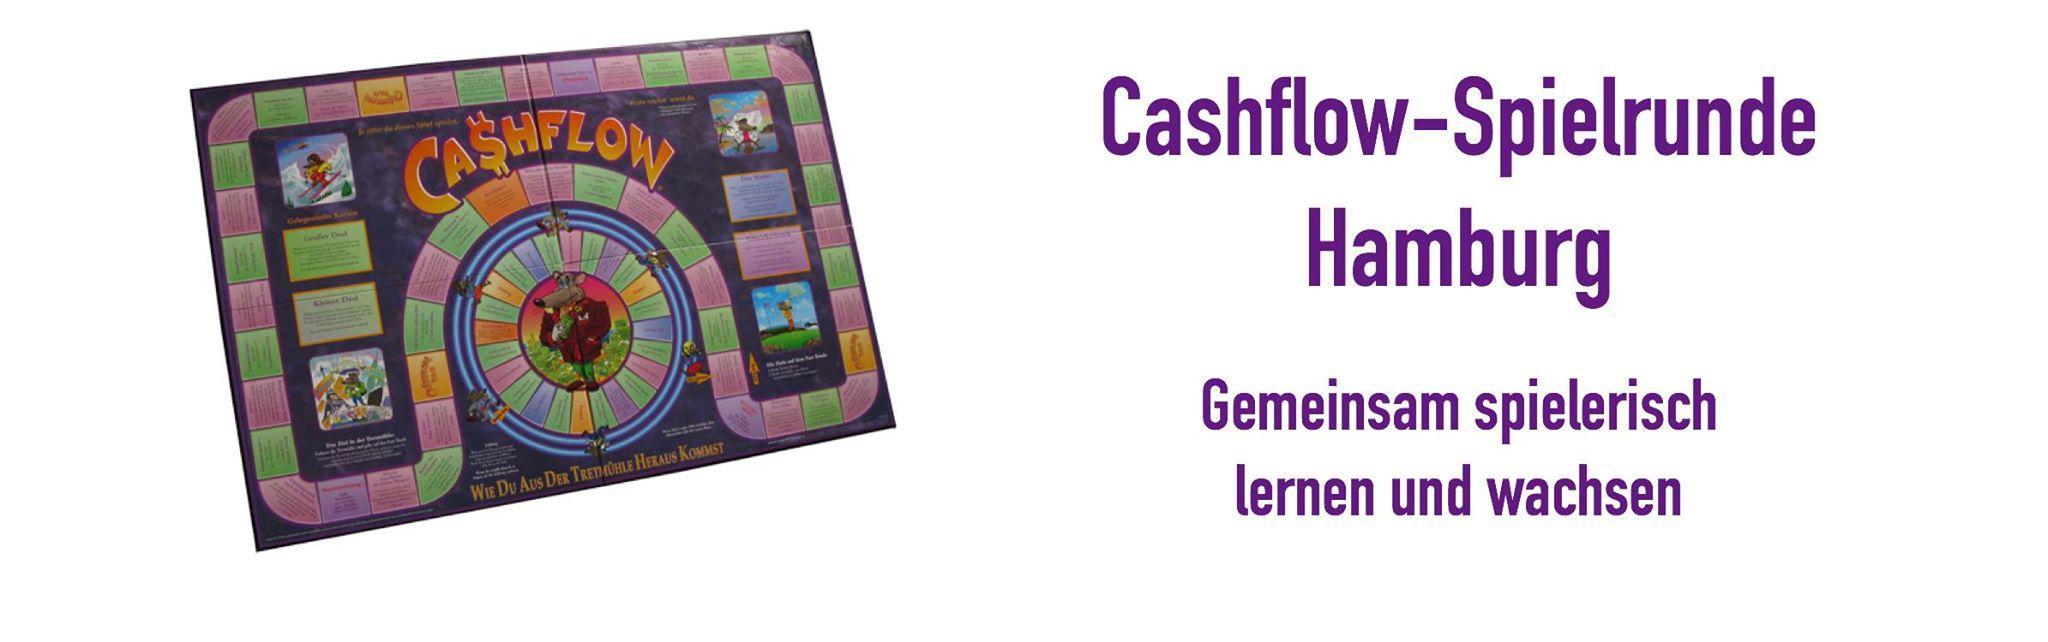 Cashflow Spielerunde Hamburg 20. August 2017